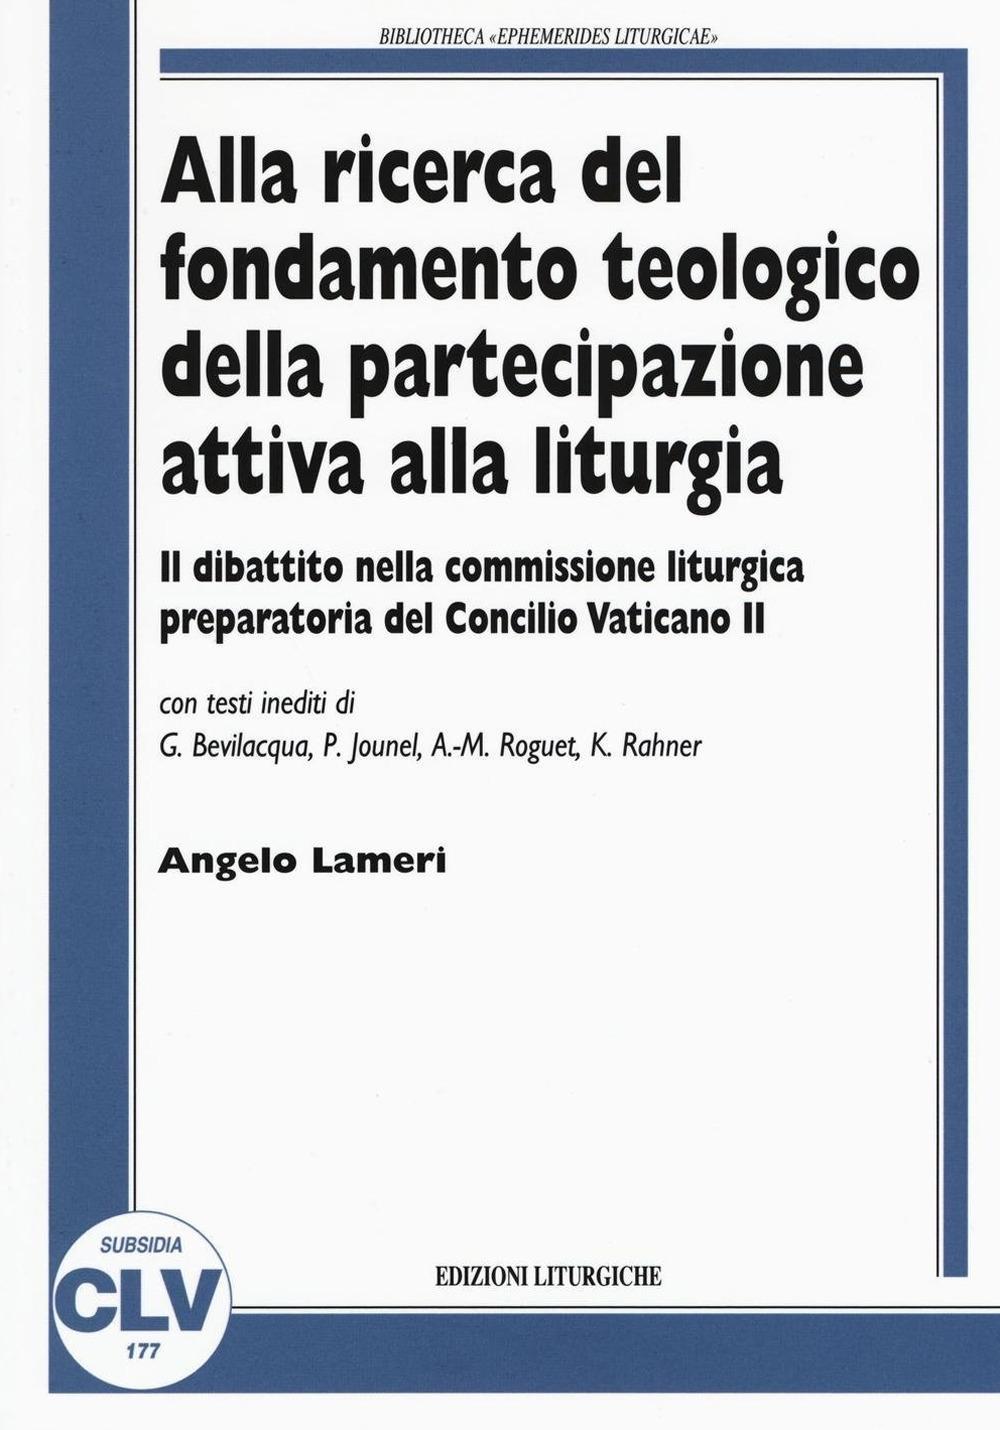 Alla ricerca del fondamento teologico della partecipazione attiva alla liturgia. Il dibattito nella commissione liturgica preparatoria del Concilio Vaticano II.